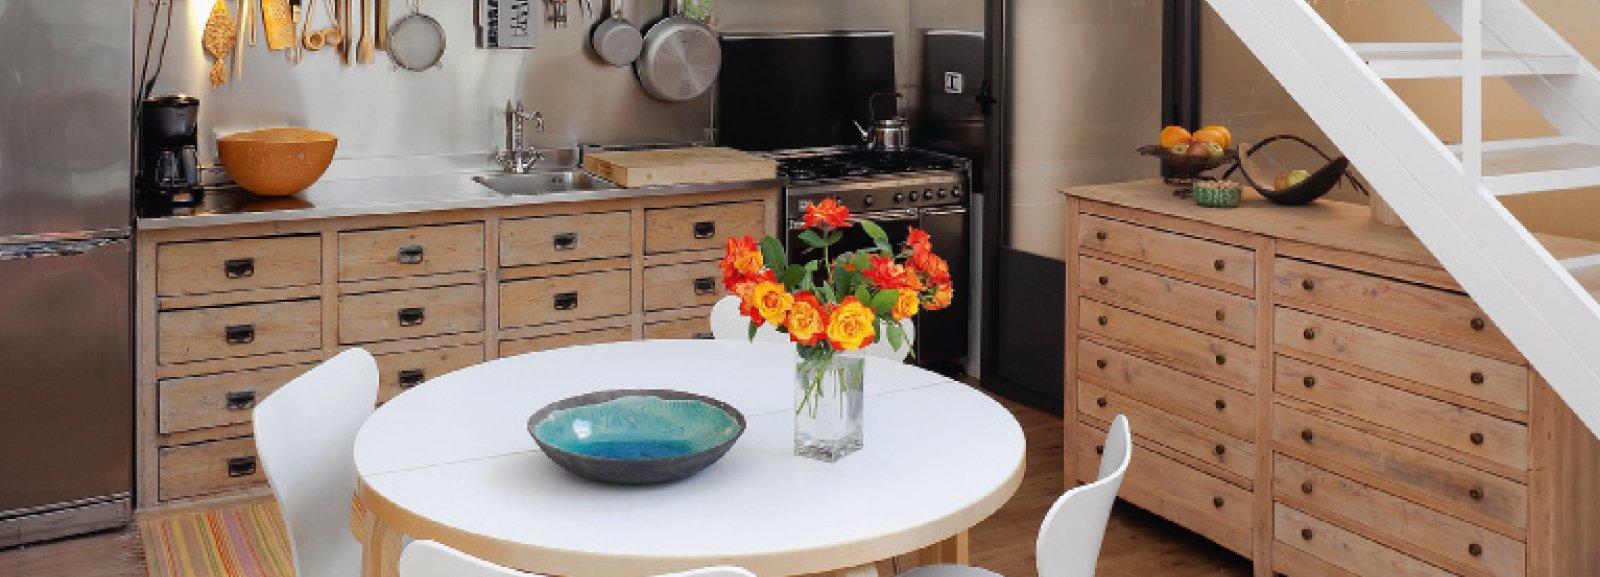 Cucina vintage con elementi di recupero - Cose di Casa